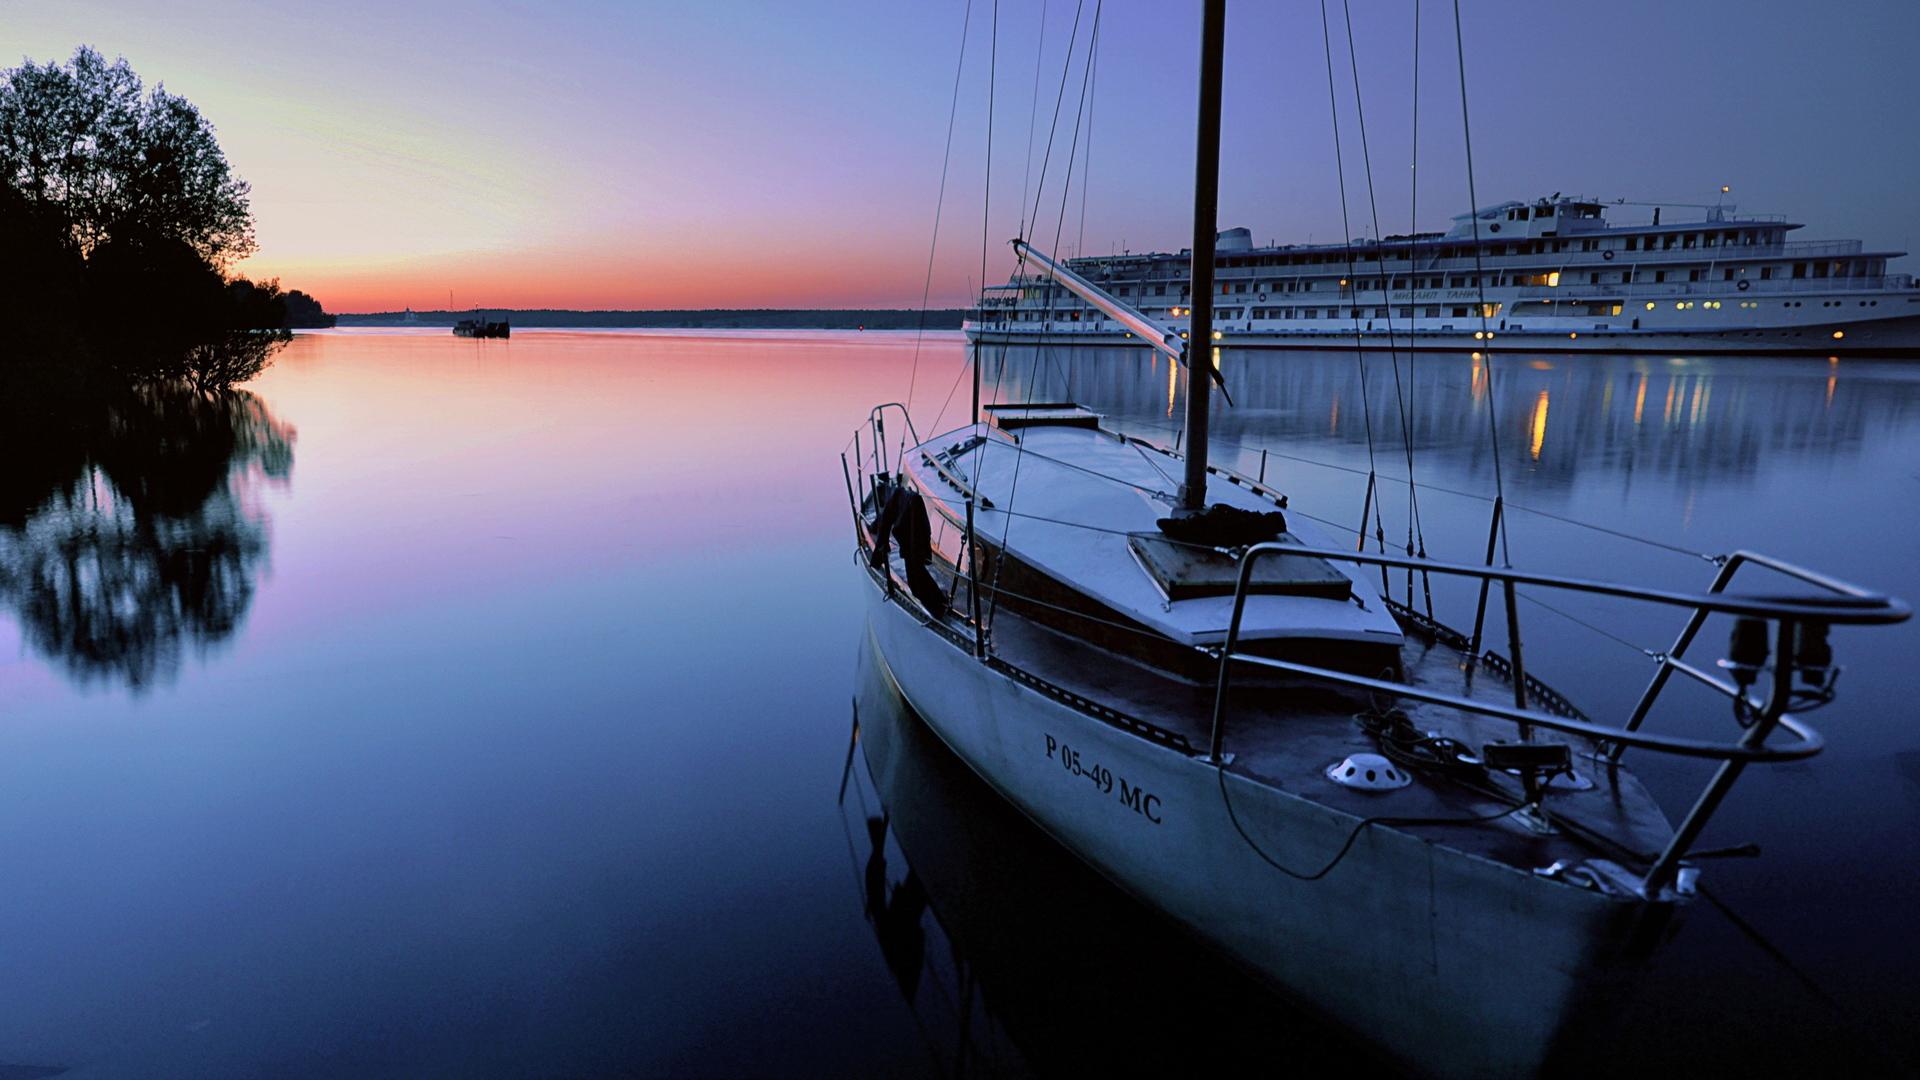 Скачать картинку Море, Яхты, Транспорт, Пейзаж в телефон бесплатно.